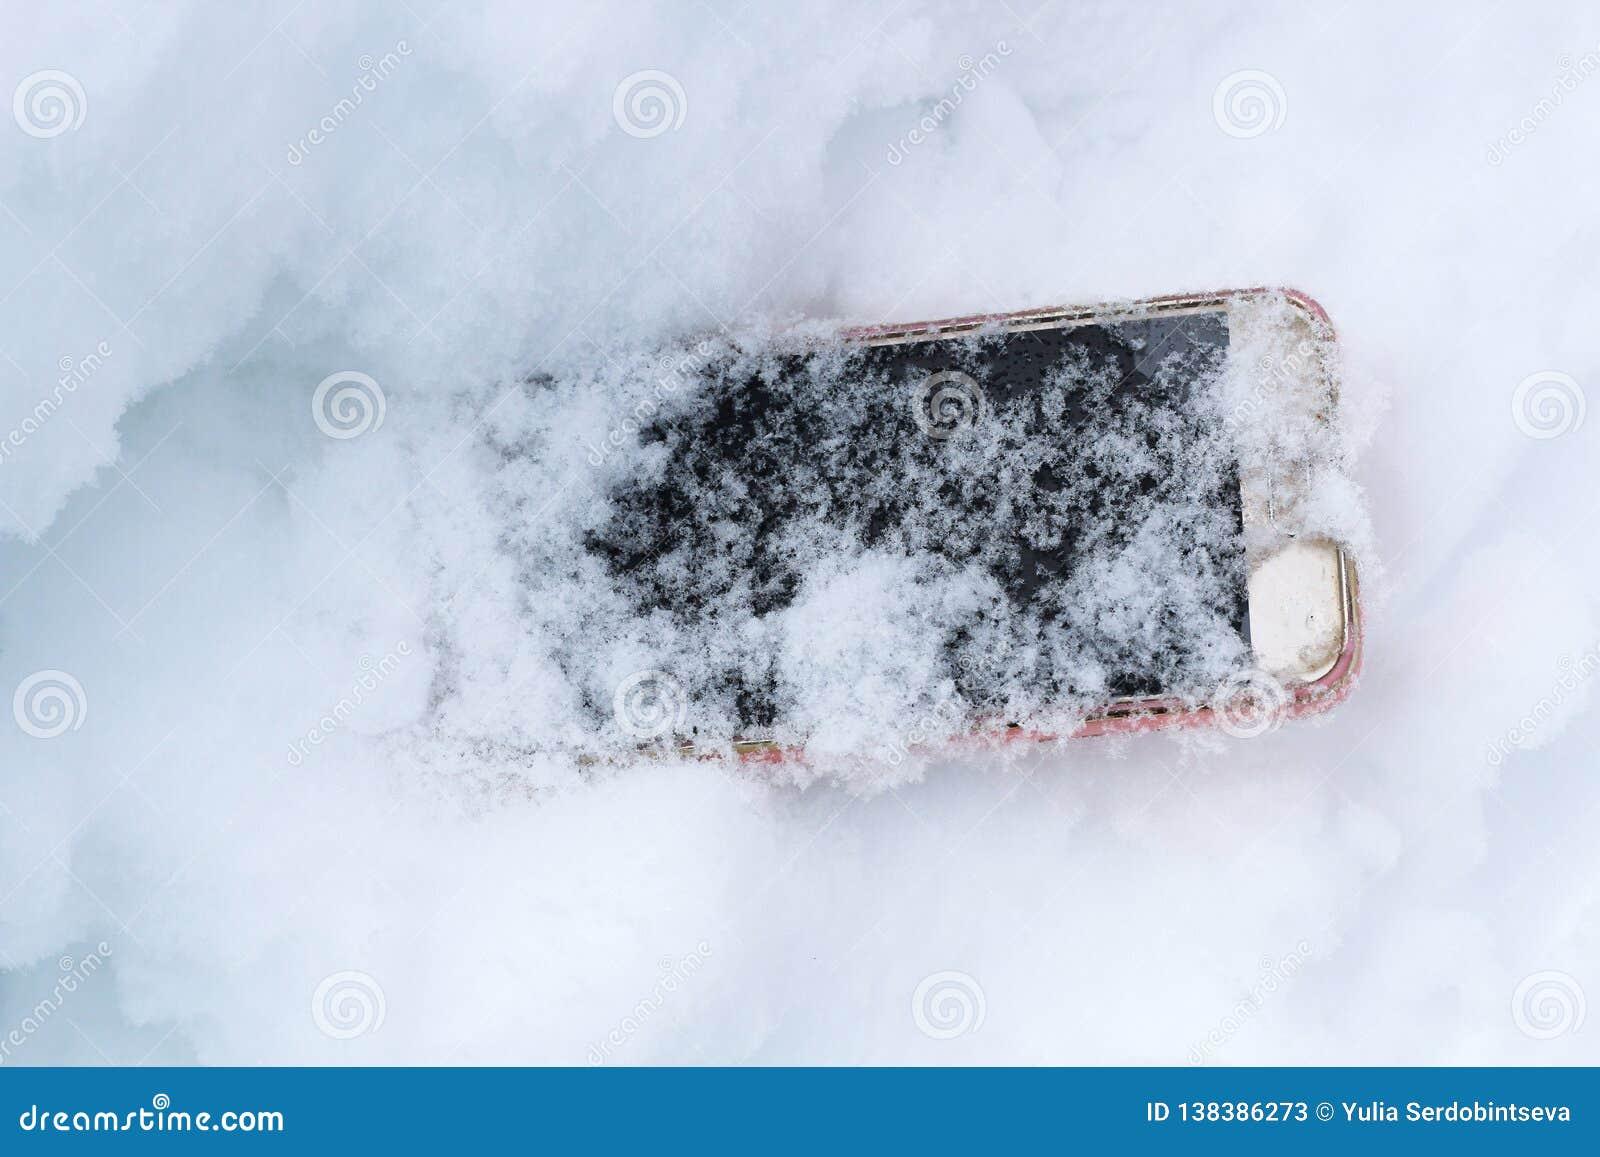 Le téléphone portable a accidentellement tombé et est perdu dans la neige